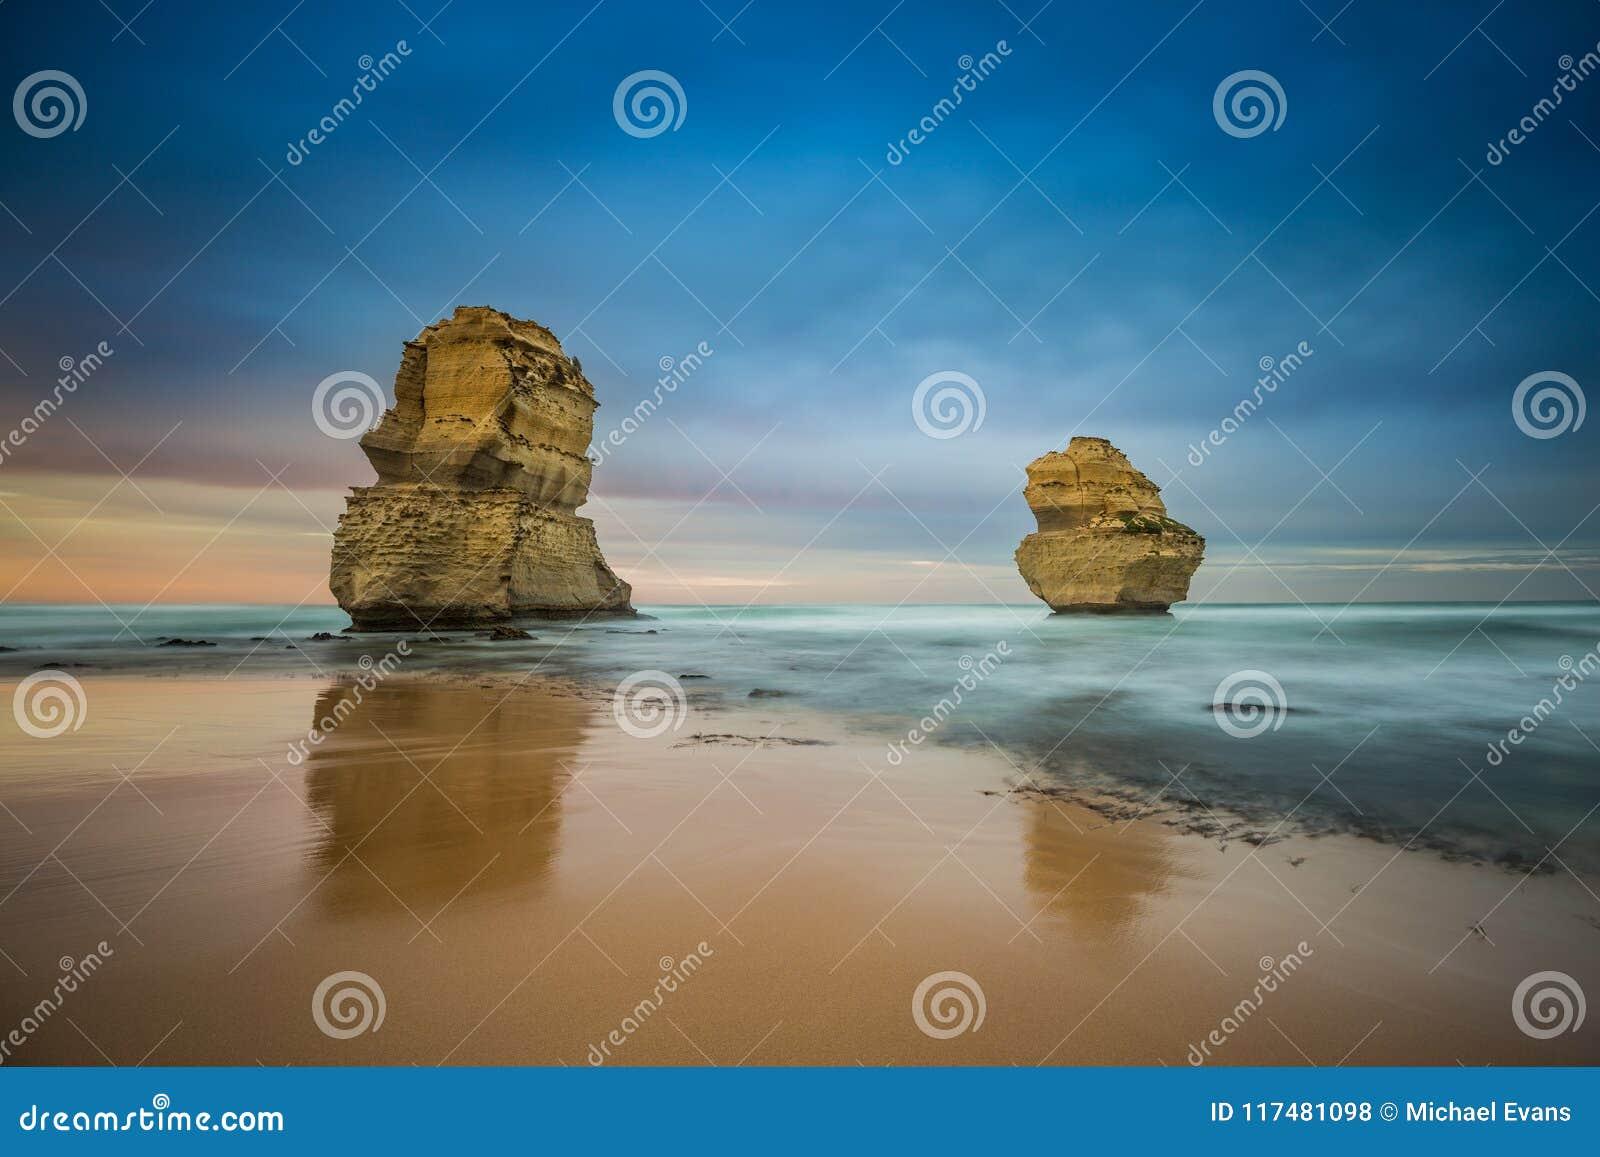 Twee van de twaalf apostelen bij zonsopgang van Gibsons-strand, Groot